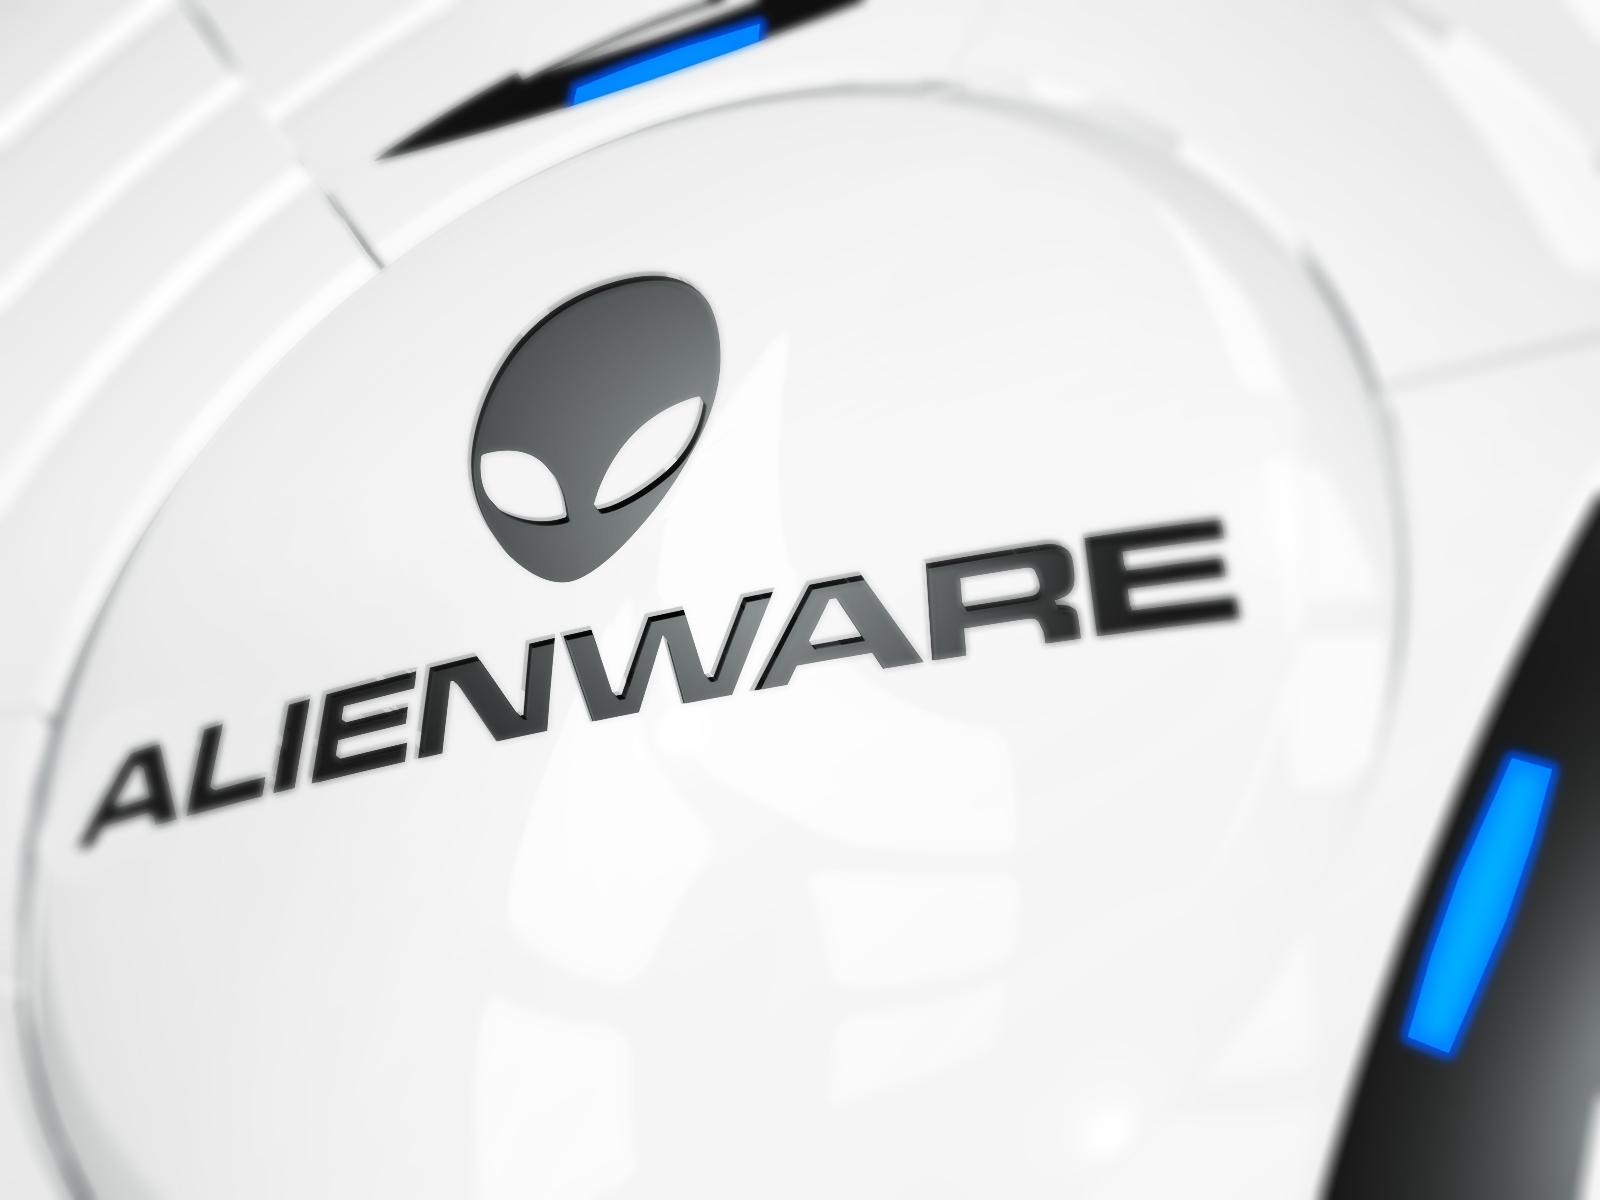 alienware computer hd wallpaper 58801